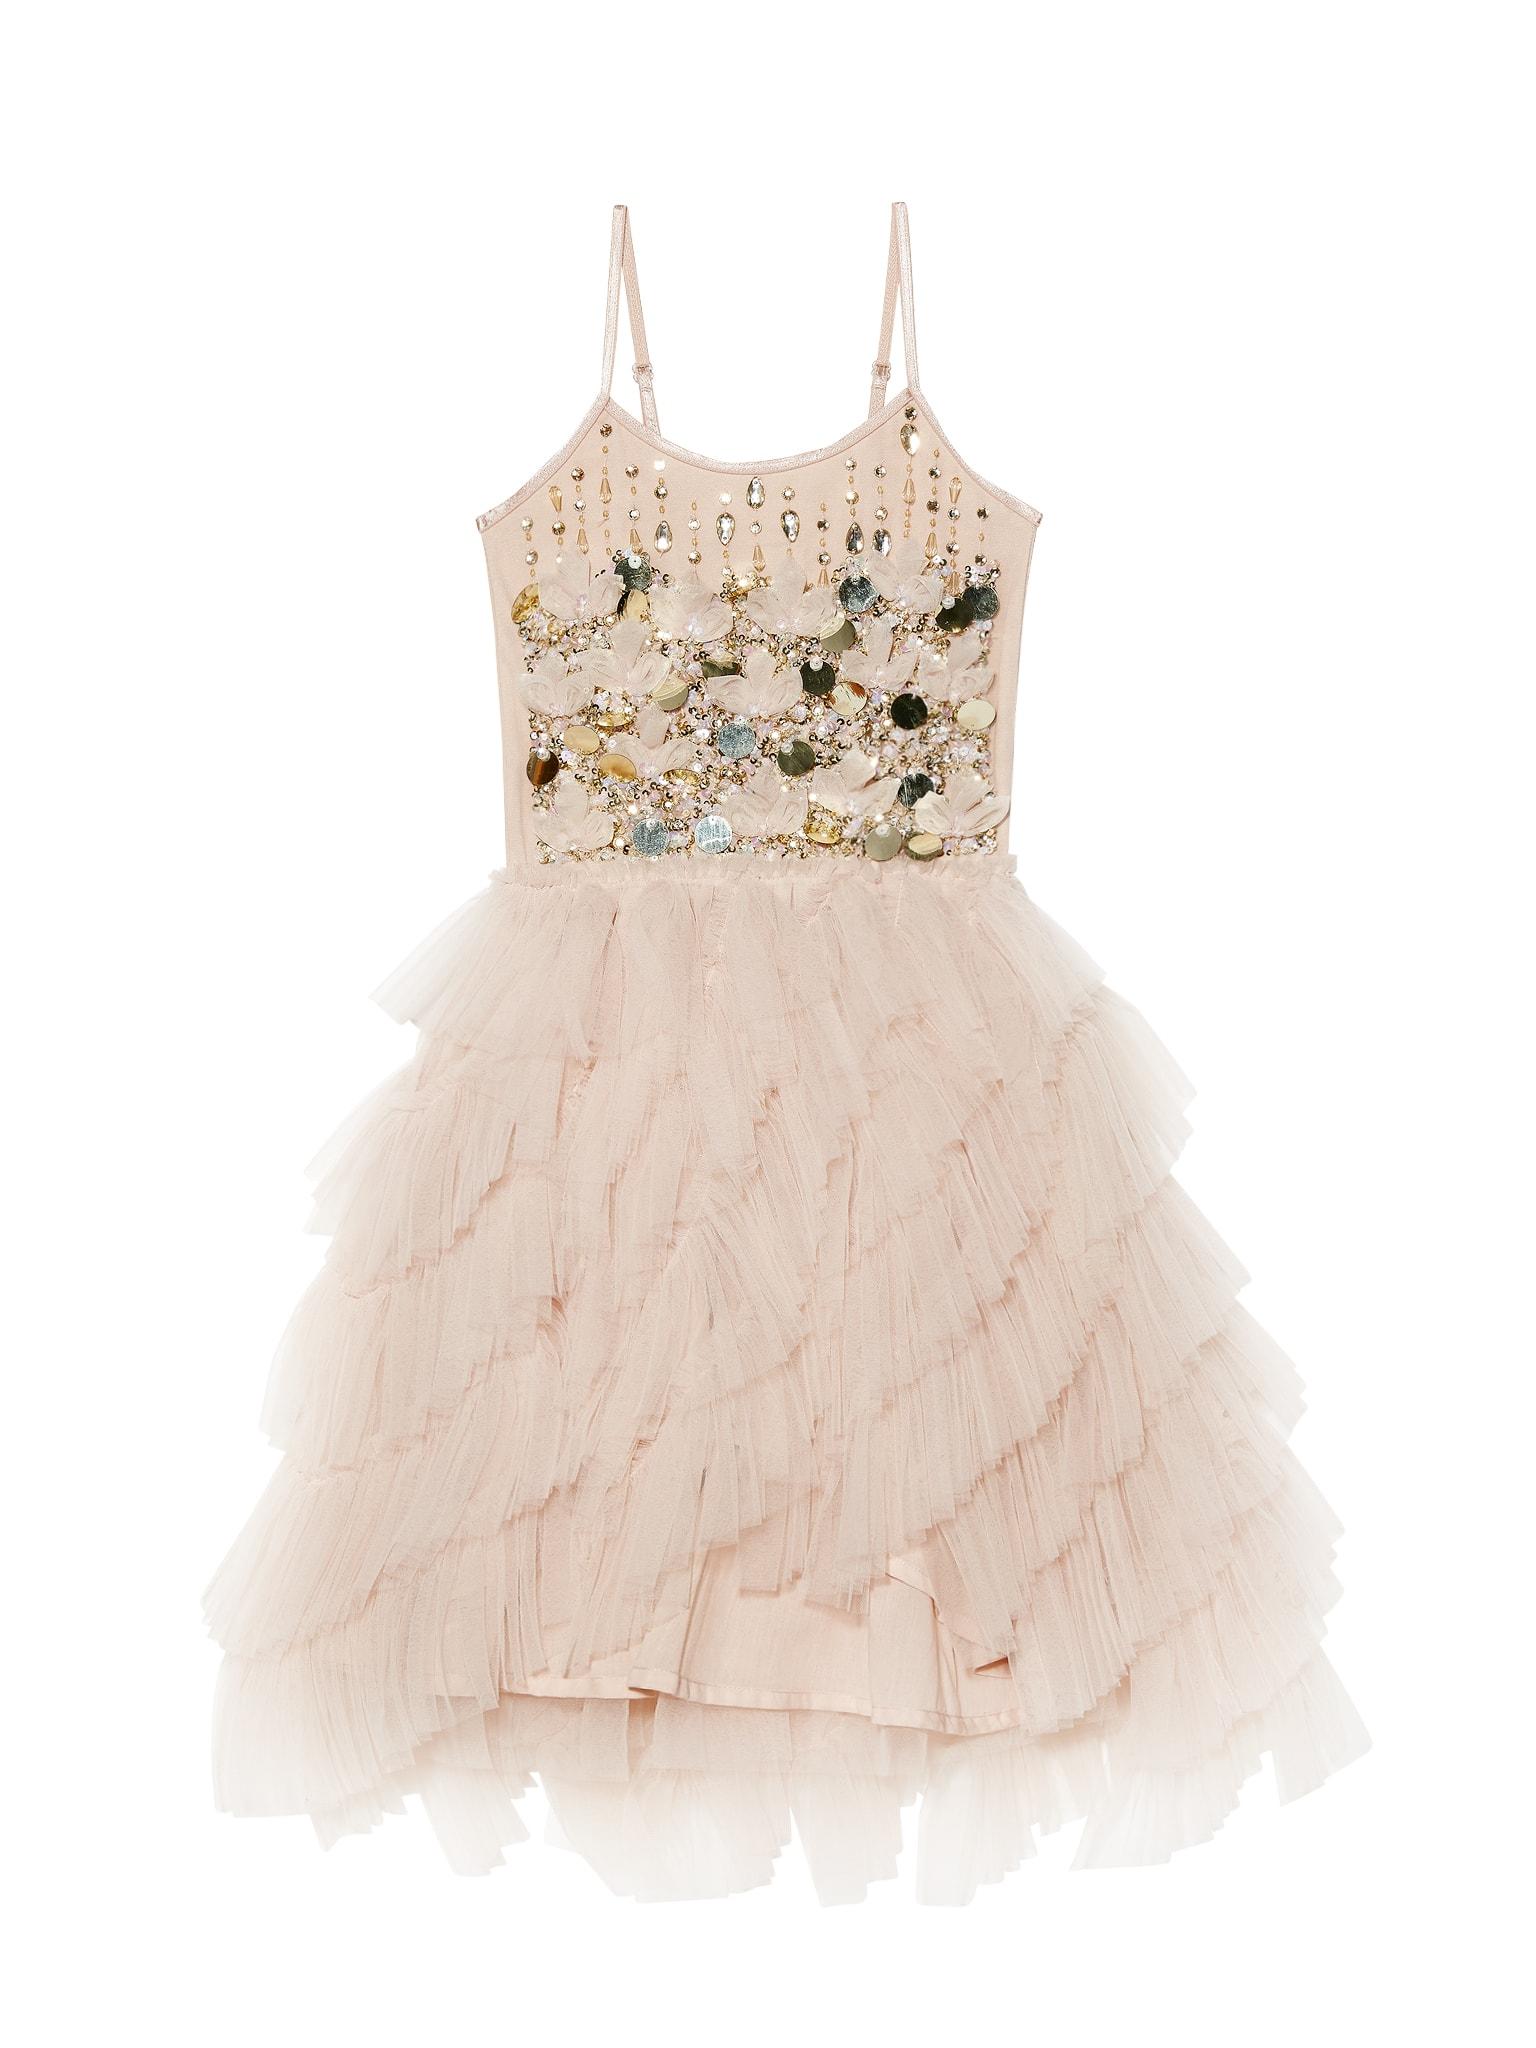 Tdm4296 golden glow tutu dress 01 min